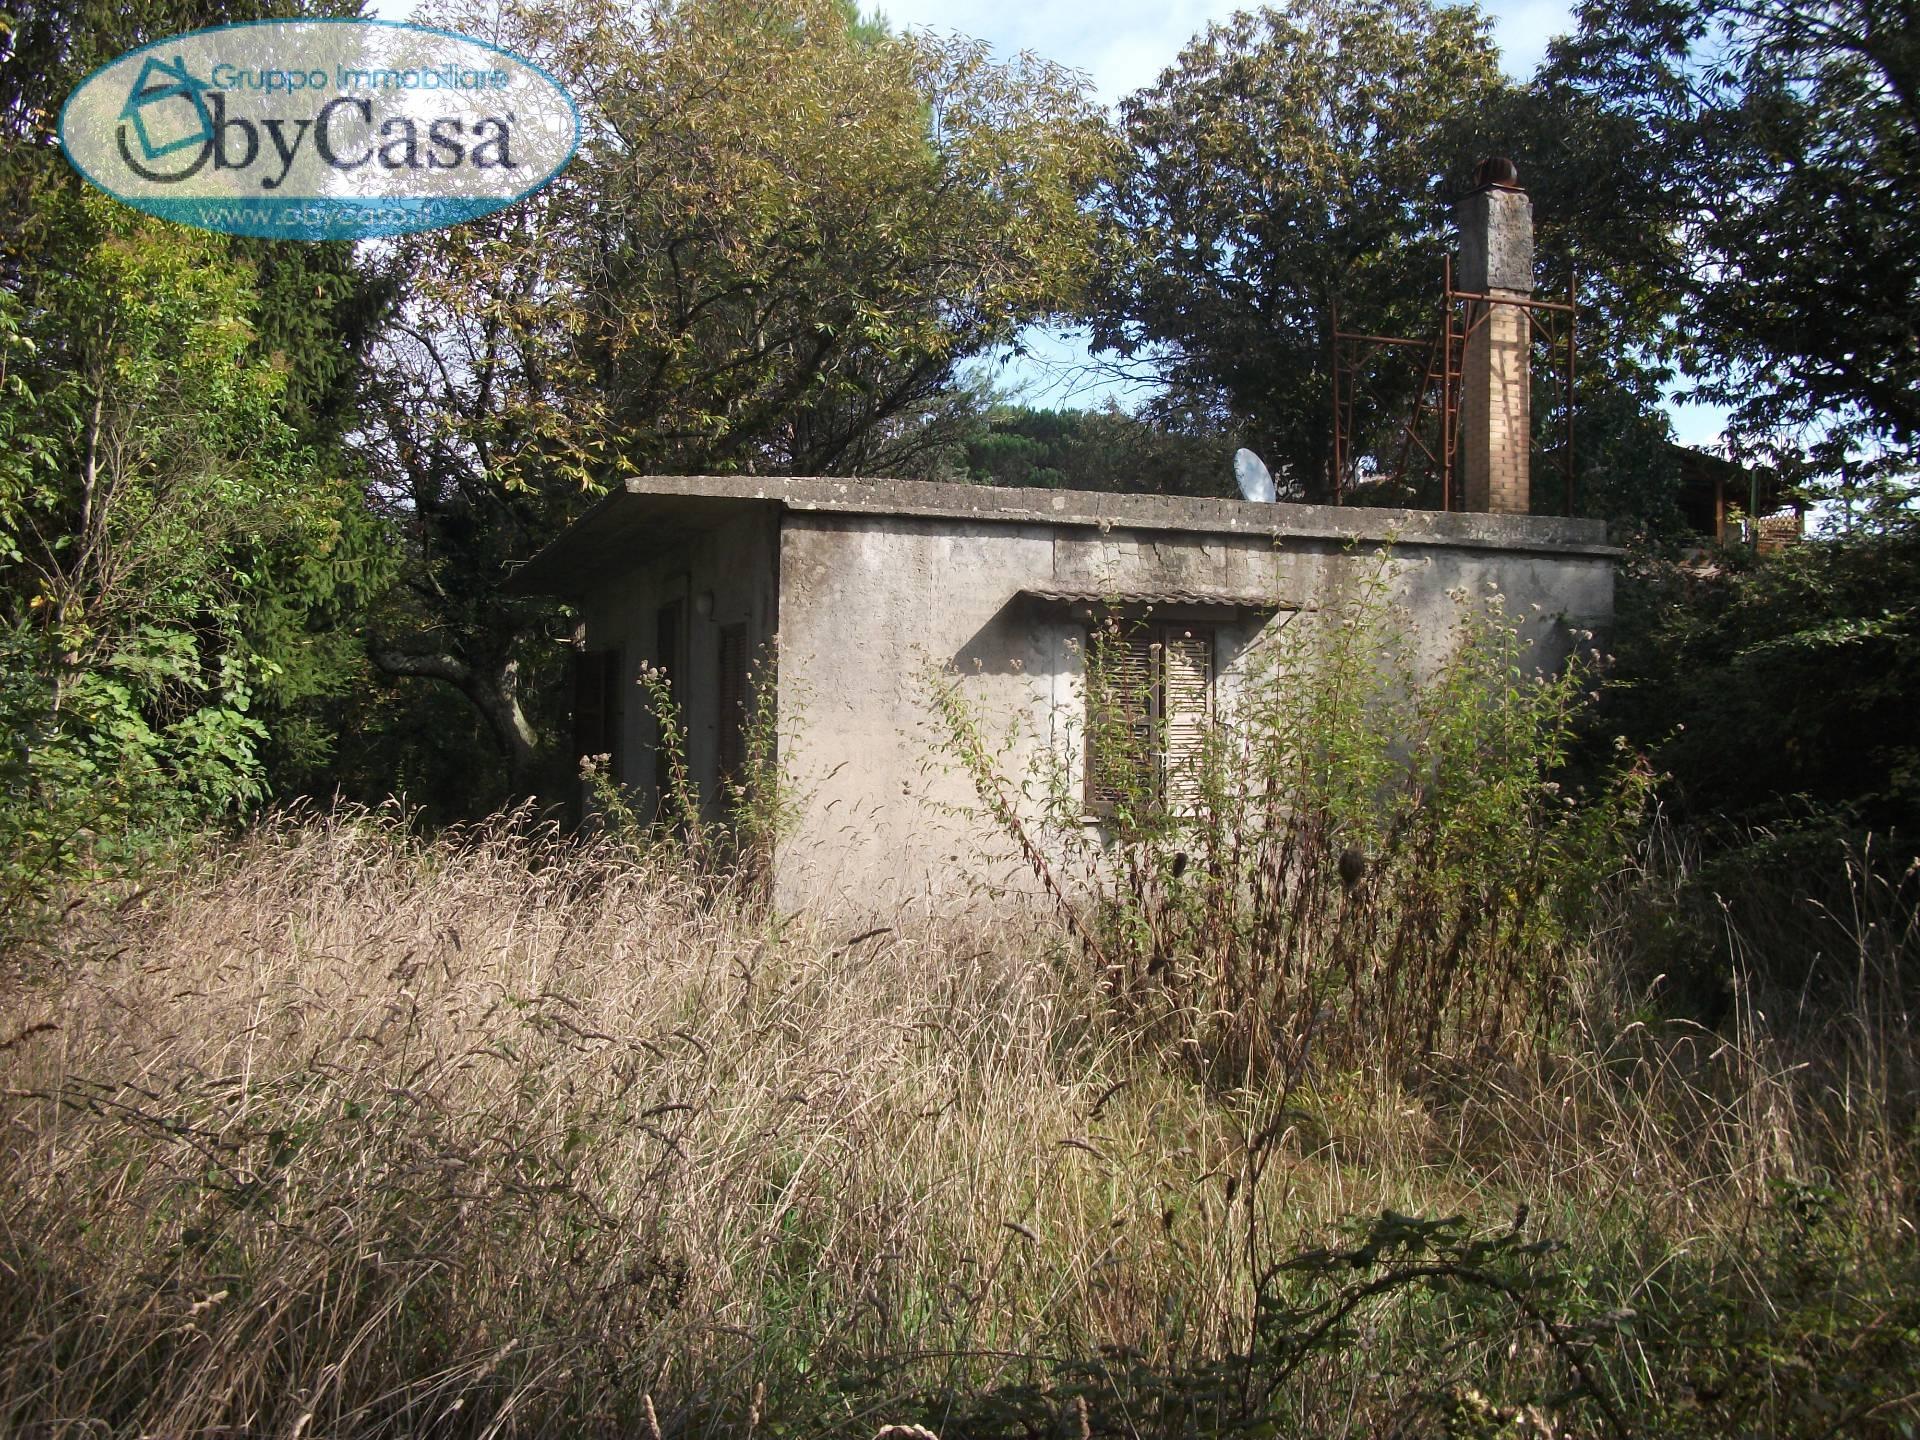 Soluzione Indipendente in vendita a Vejano, 2 locali, zona Località: vejano, prezzo € 50.000 | Cambio Casa.it